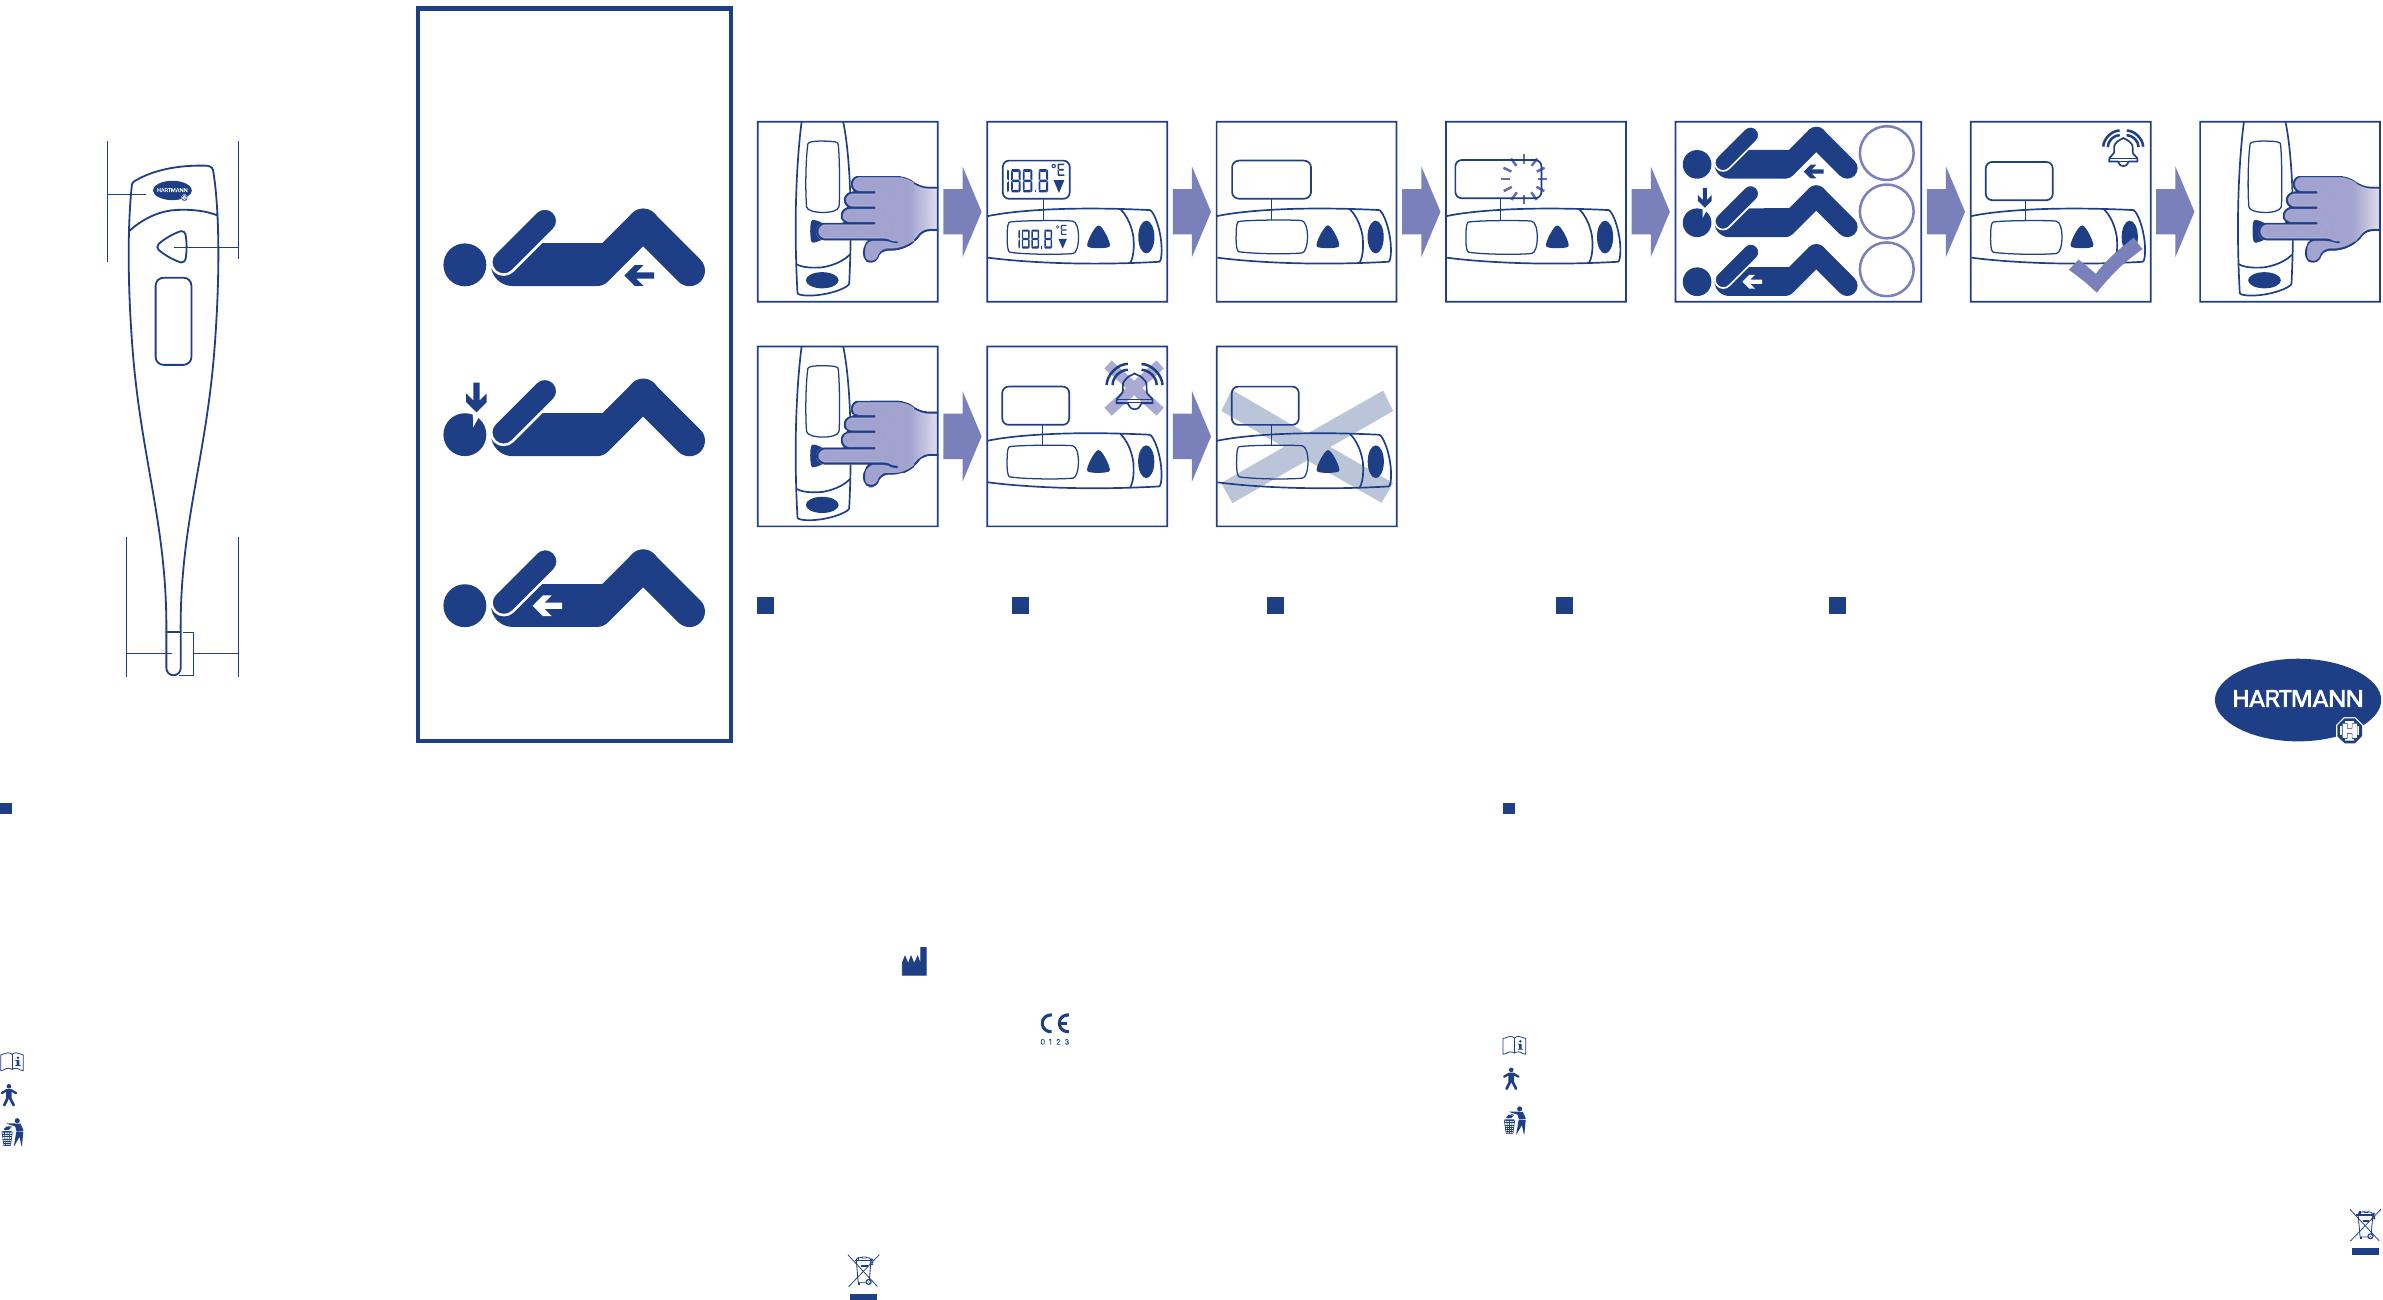 Bedienungsanleitung Hartmann Thermoval standard (Seite 1 von 2 ...